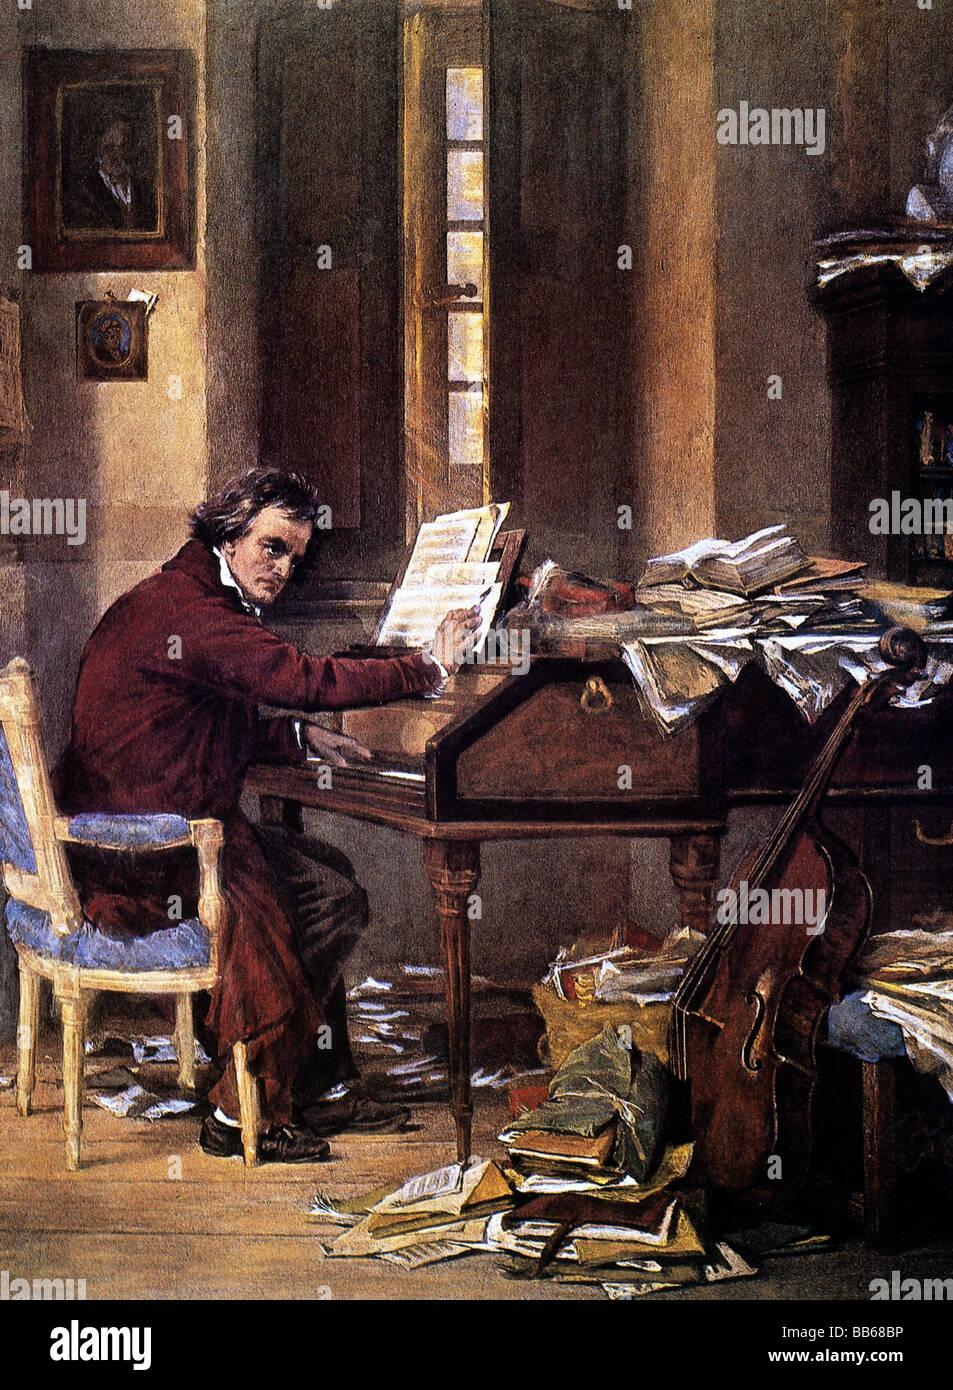 Beethoven, Ludwig van, 17.12.1770 - 26.3.1827, compositeur allemand, demi-longueur, au travail, la peinture d'histoire Photo Stock